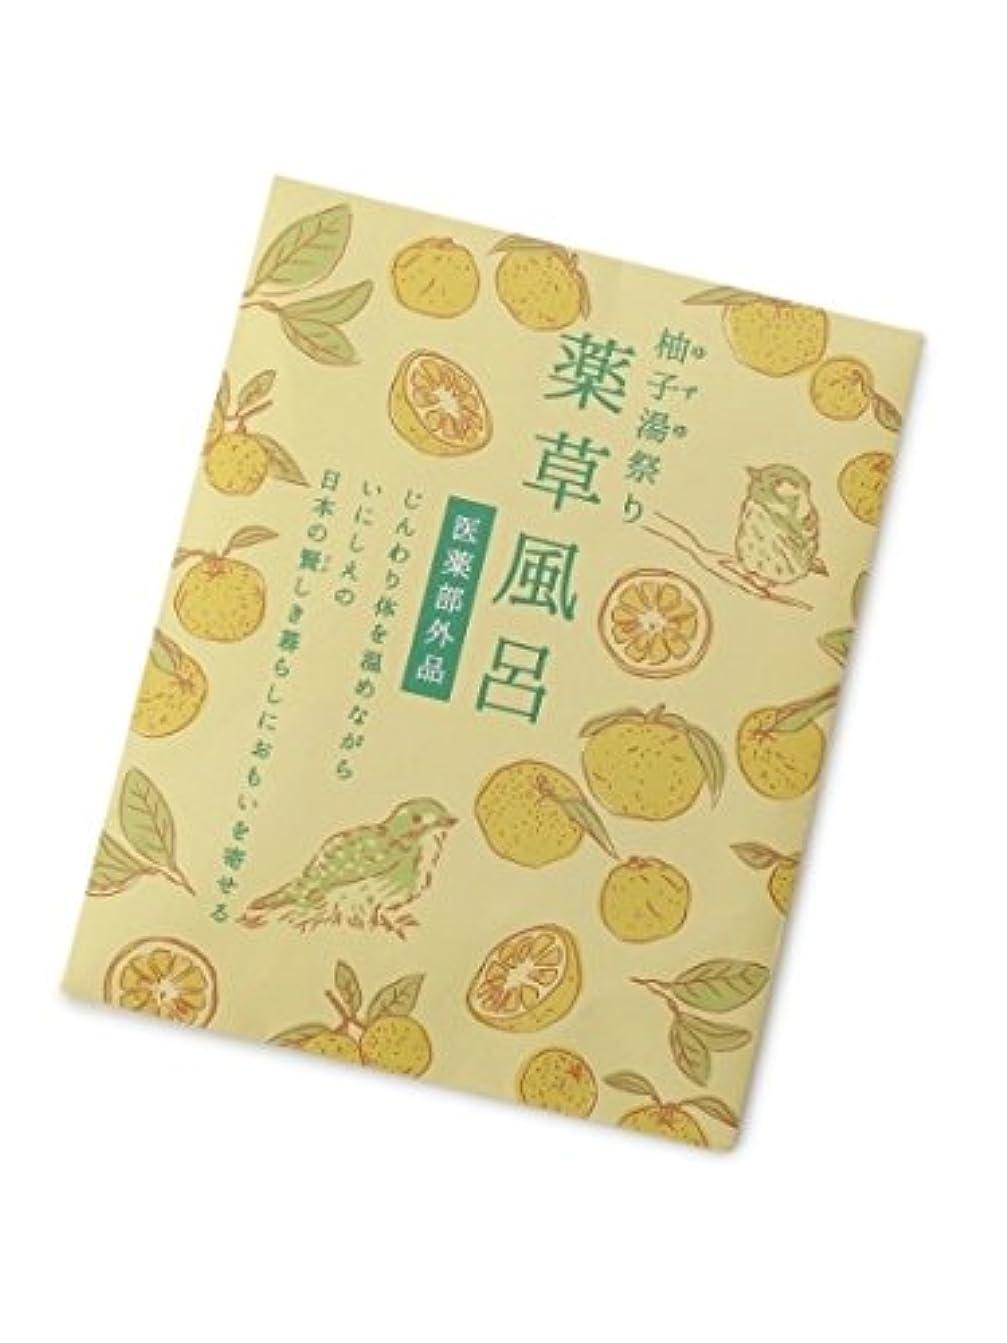 マナードレス入射チャーリー 柚子湯祭り 薬草風呂 20g